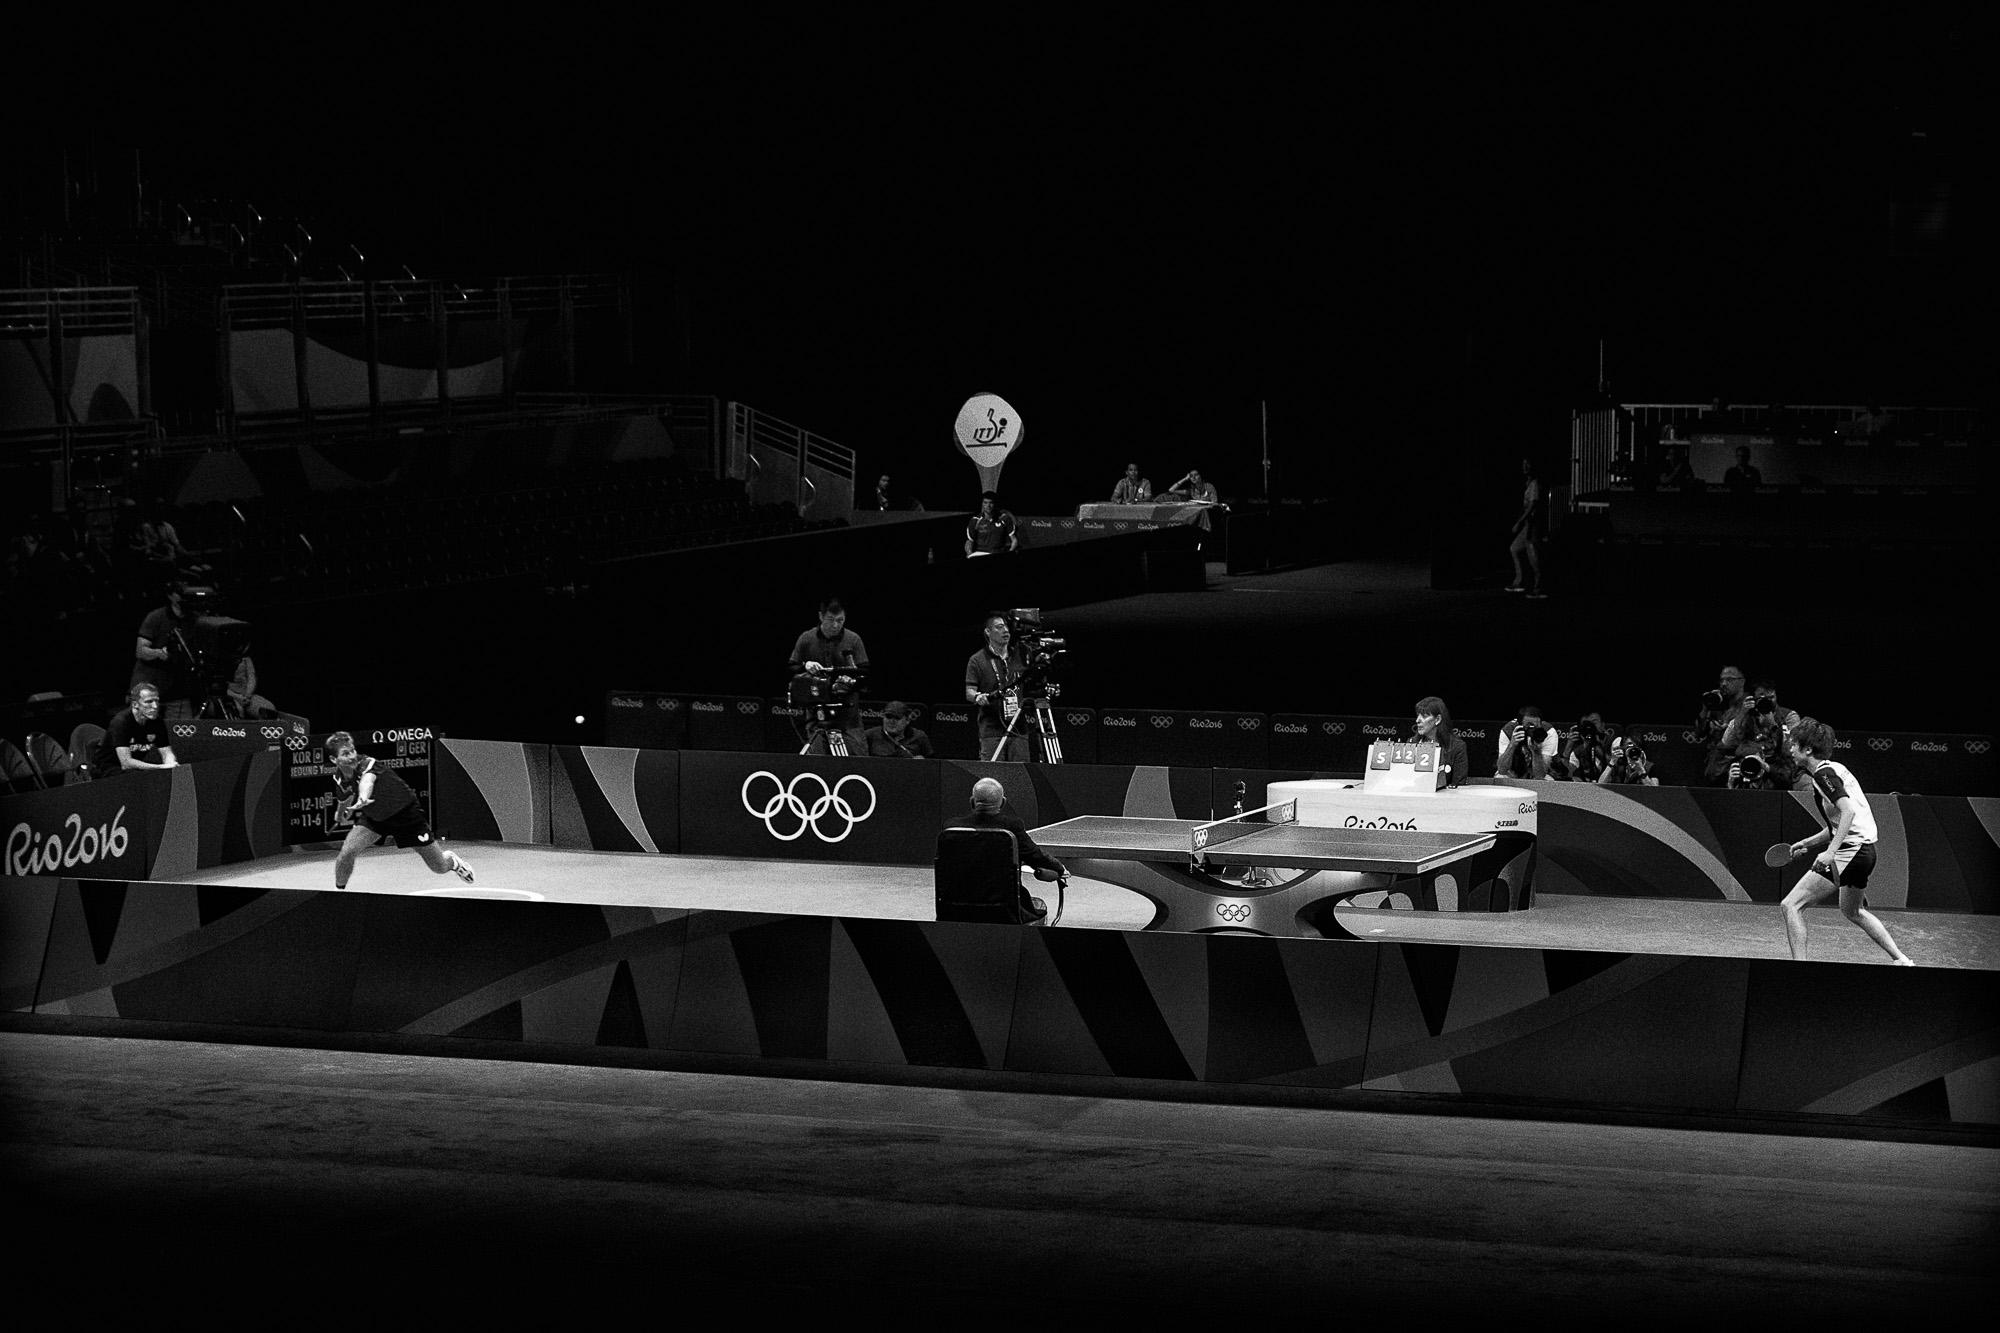 ben-arnon-rio-olympics_006.jpg